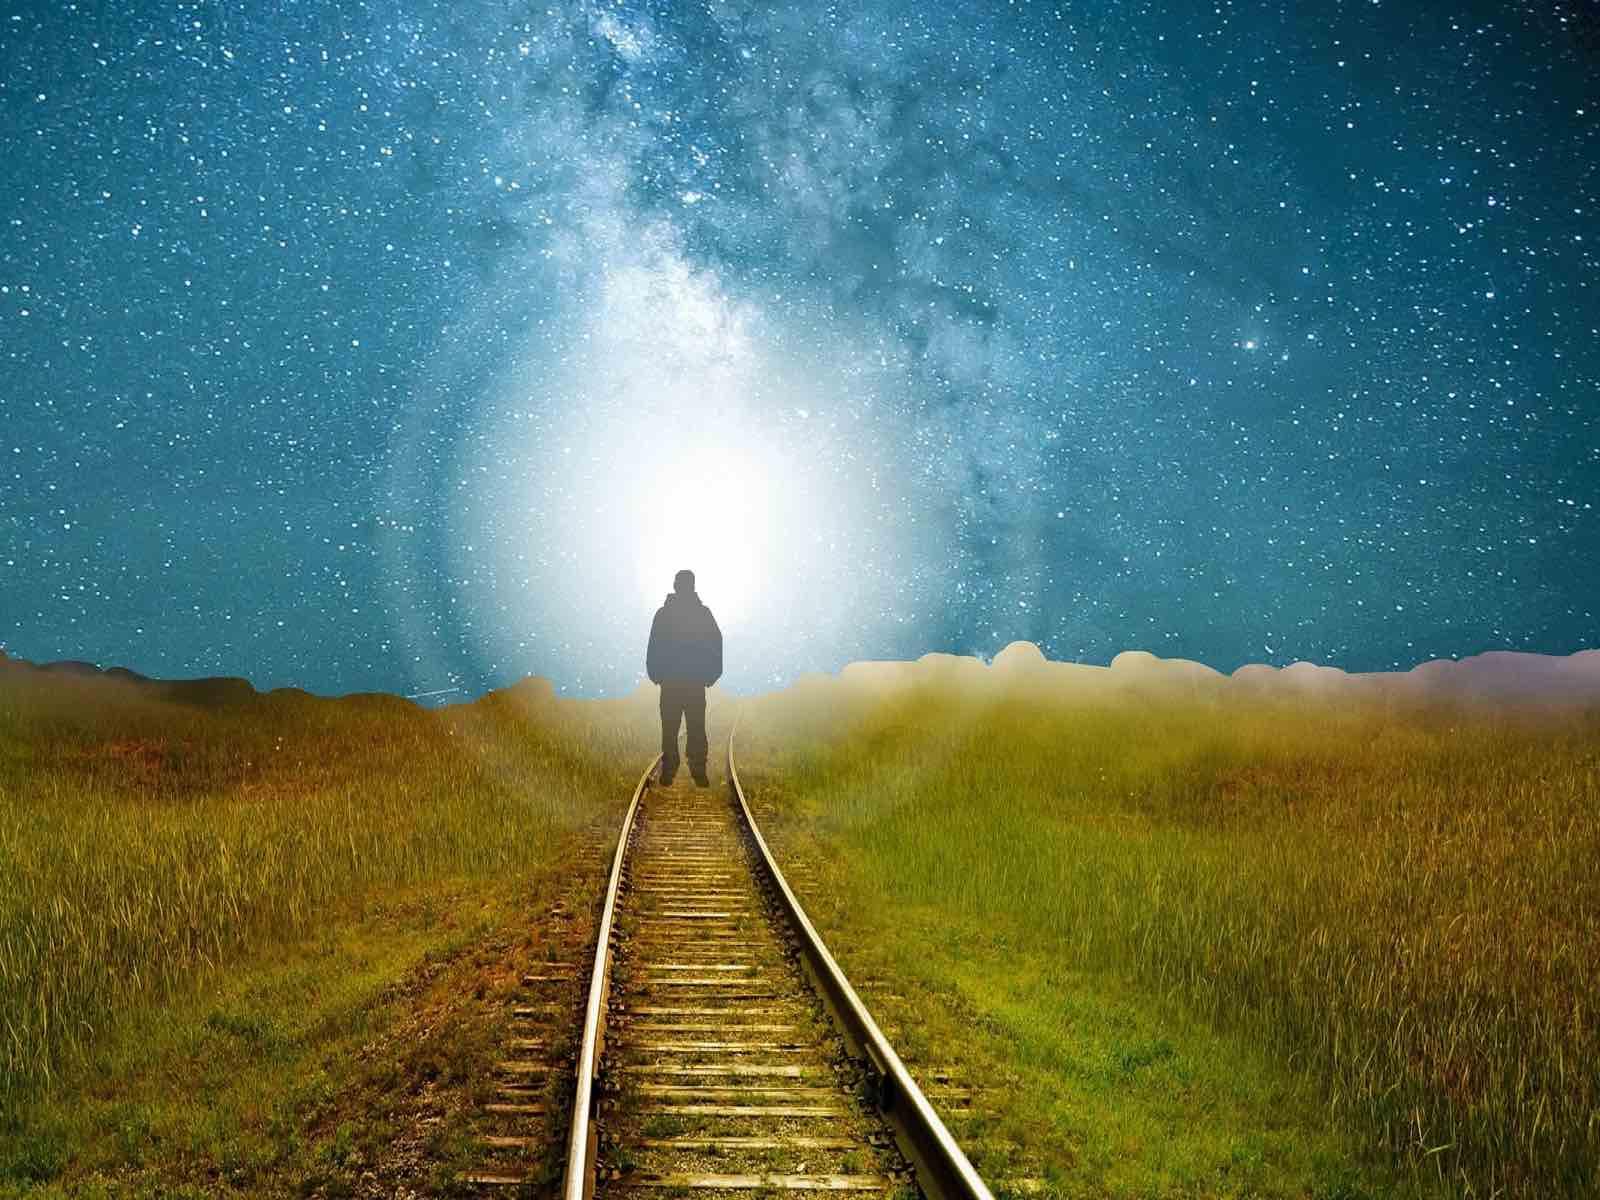 Жизнь после смерти: есть или нет, что об этом думают в мире